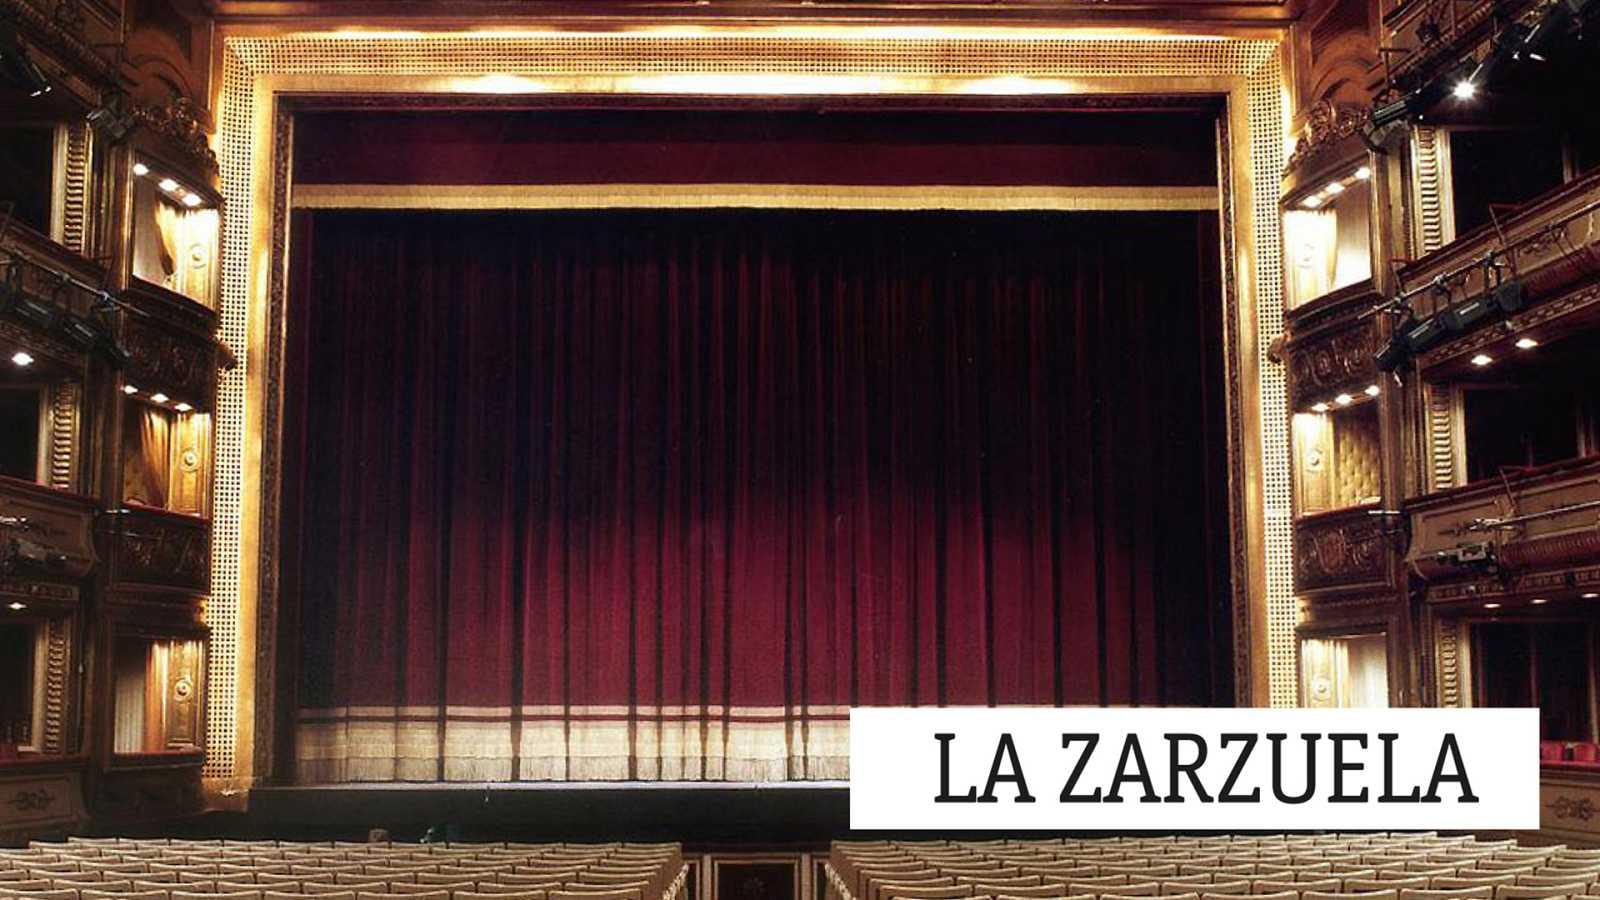 La zarzuela - Grandes directores de zarzuela: Miguel Roa - 07/04/21 - escuchar ahora